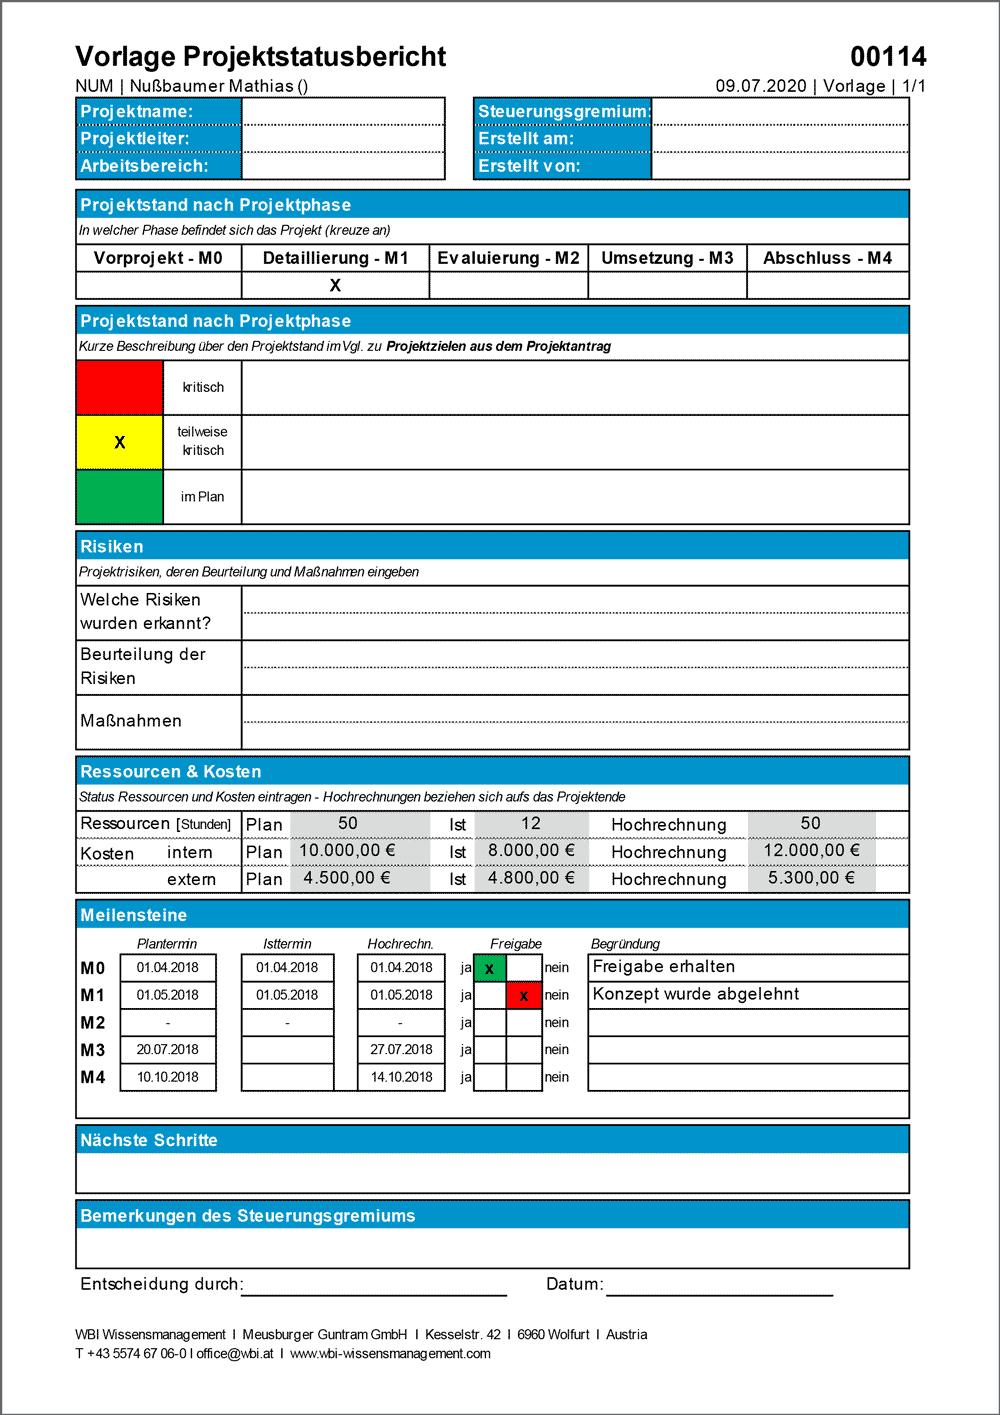 WBI-Vorlage-Projektstatusbericht